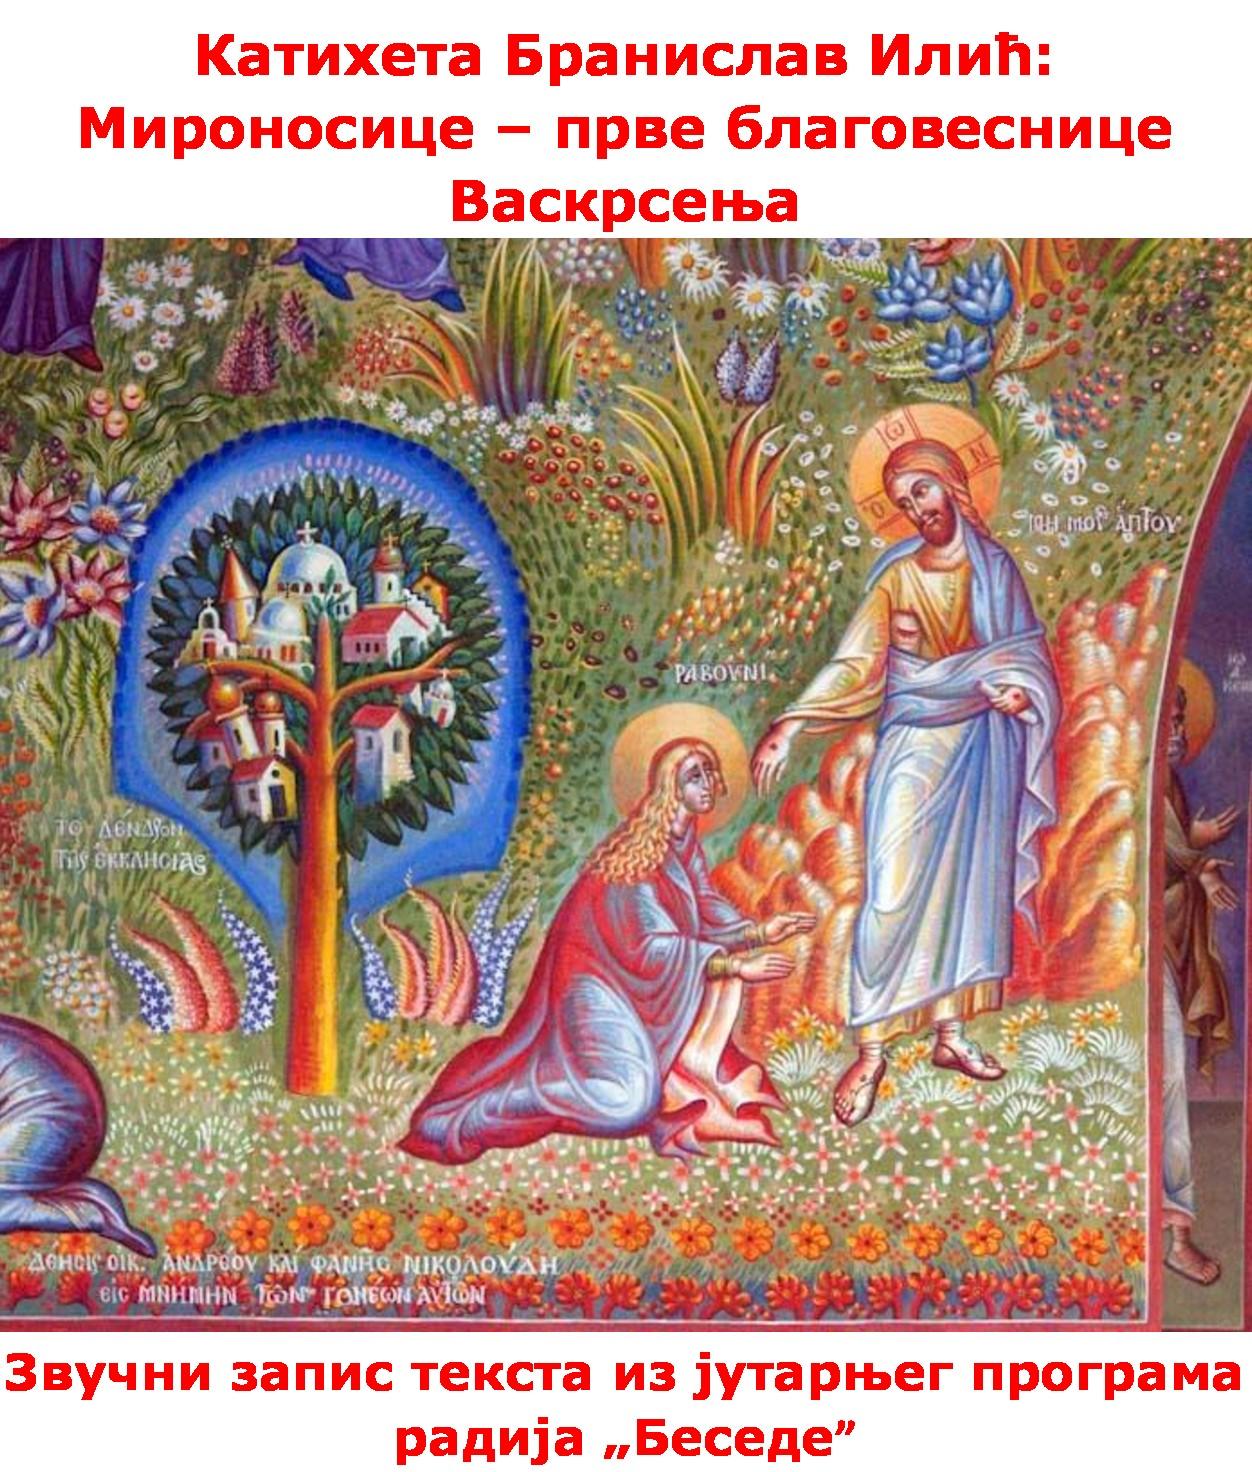 ЕМИСИЈА: Мироносице - прве благовеснице Васкрсења